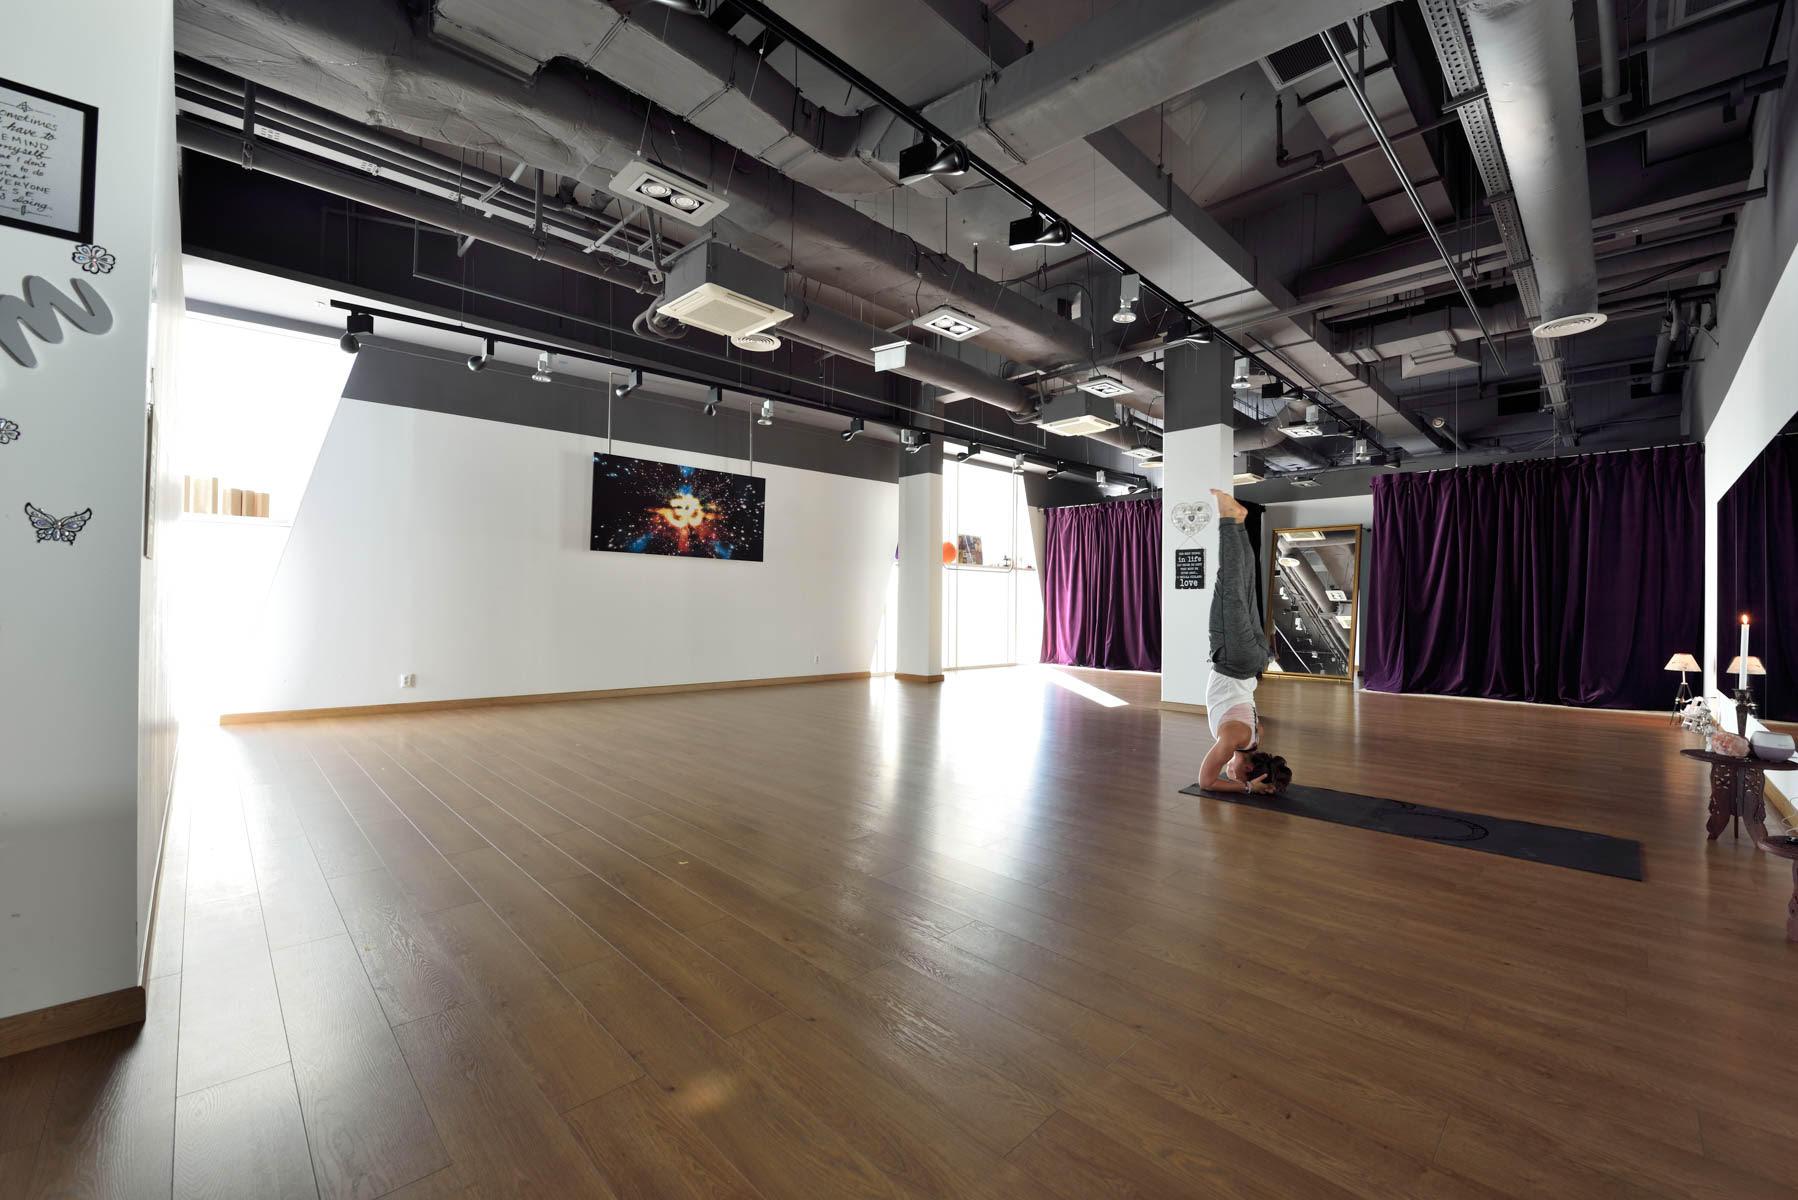 Prečo sa oplatí navštíviť Space yoga štúdio v Bratislave